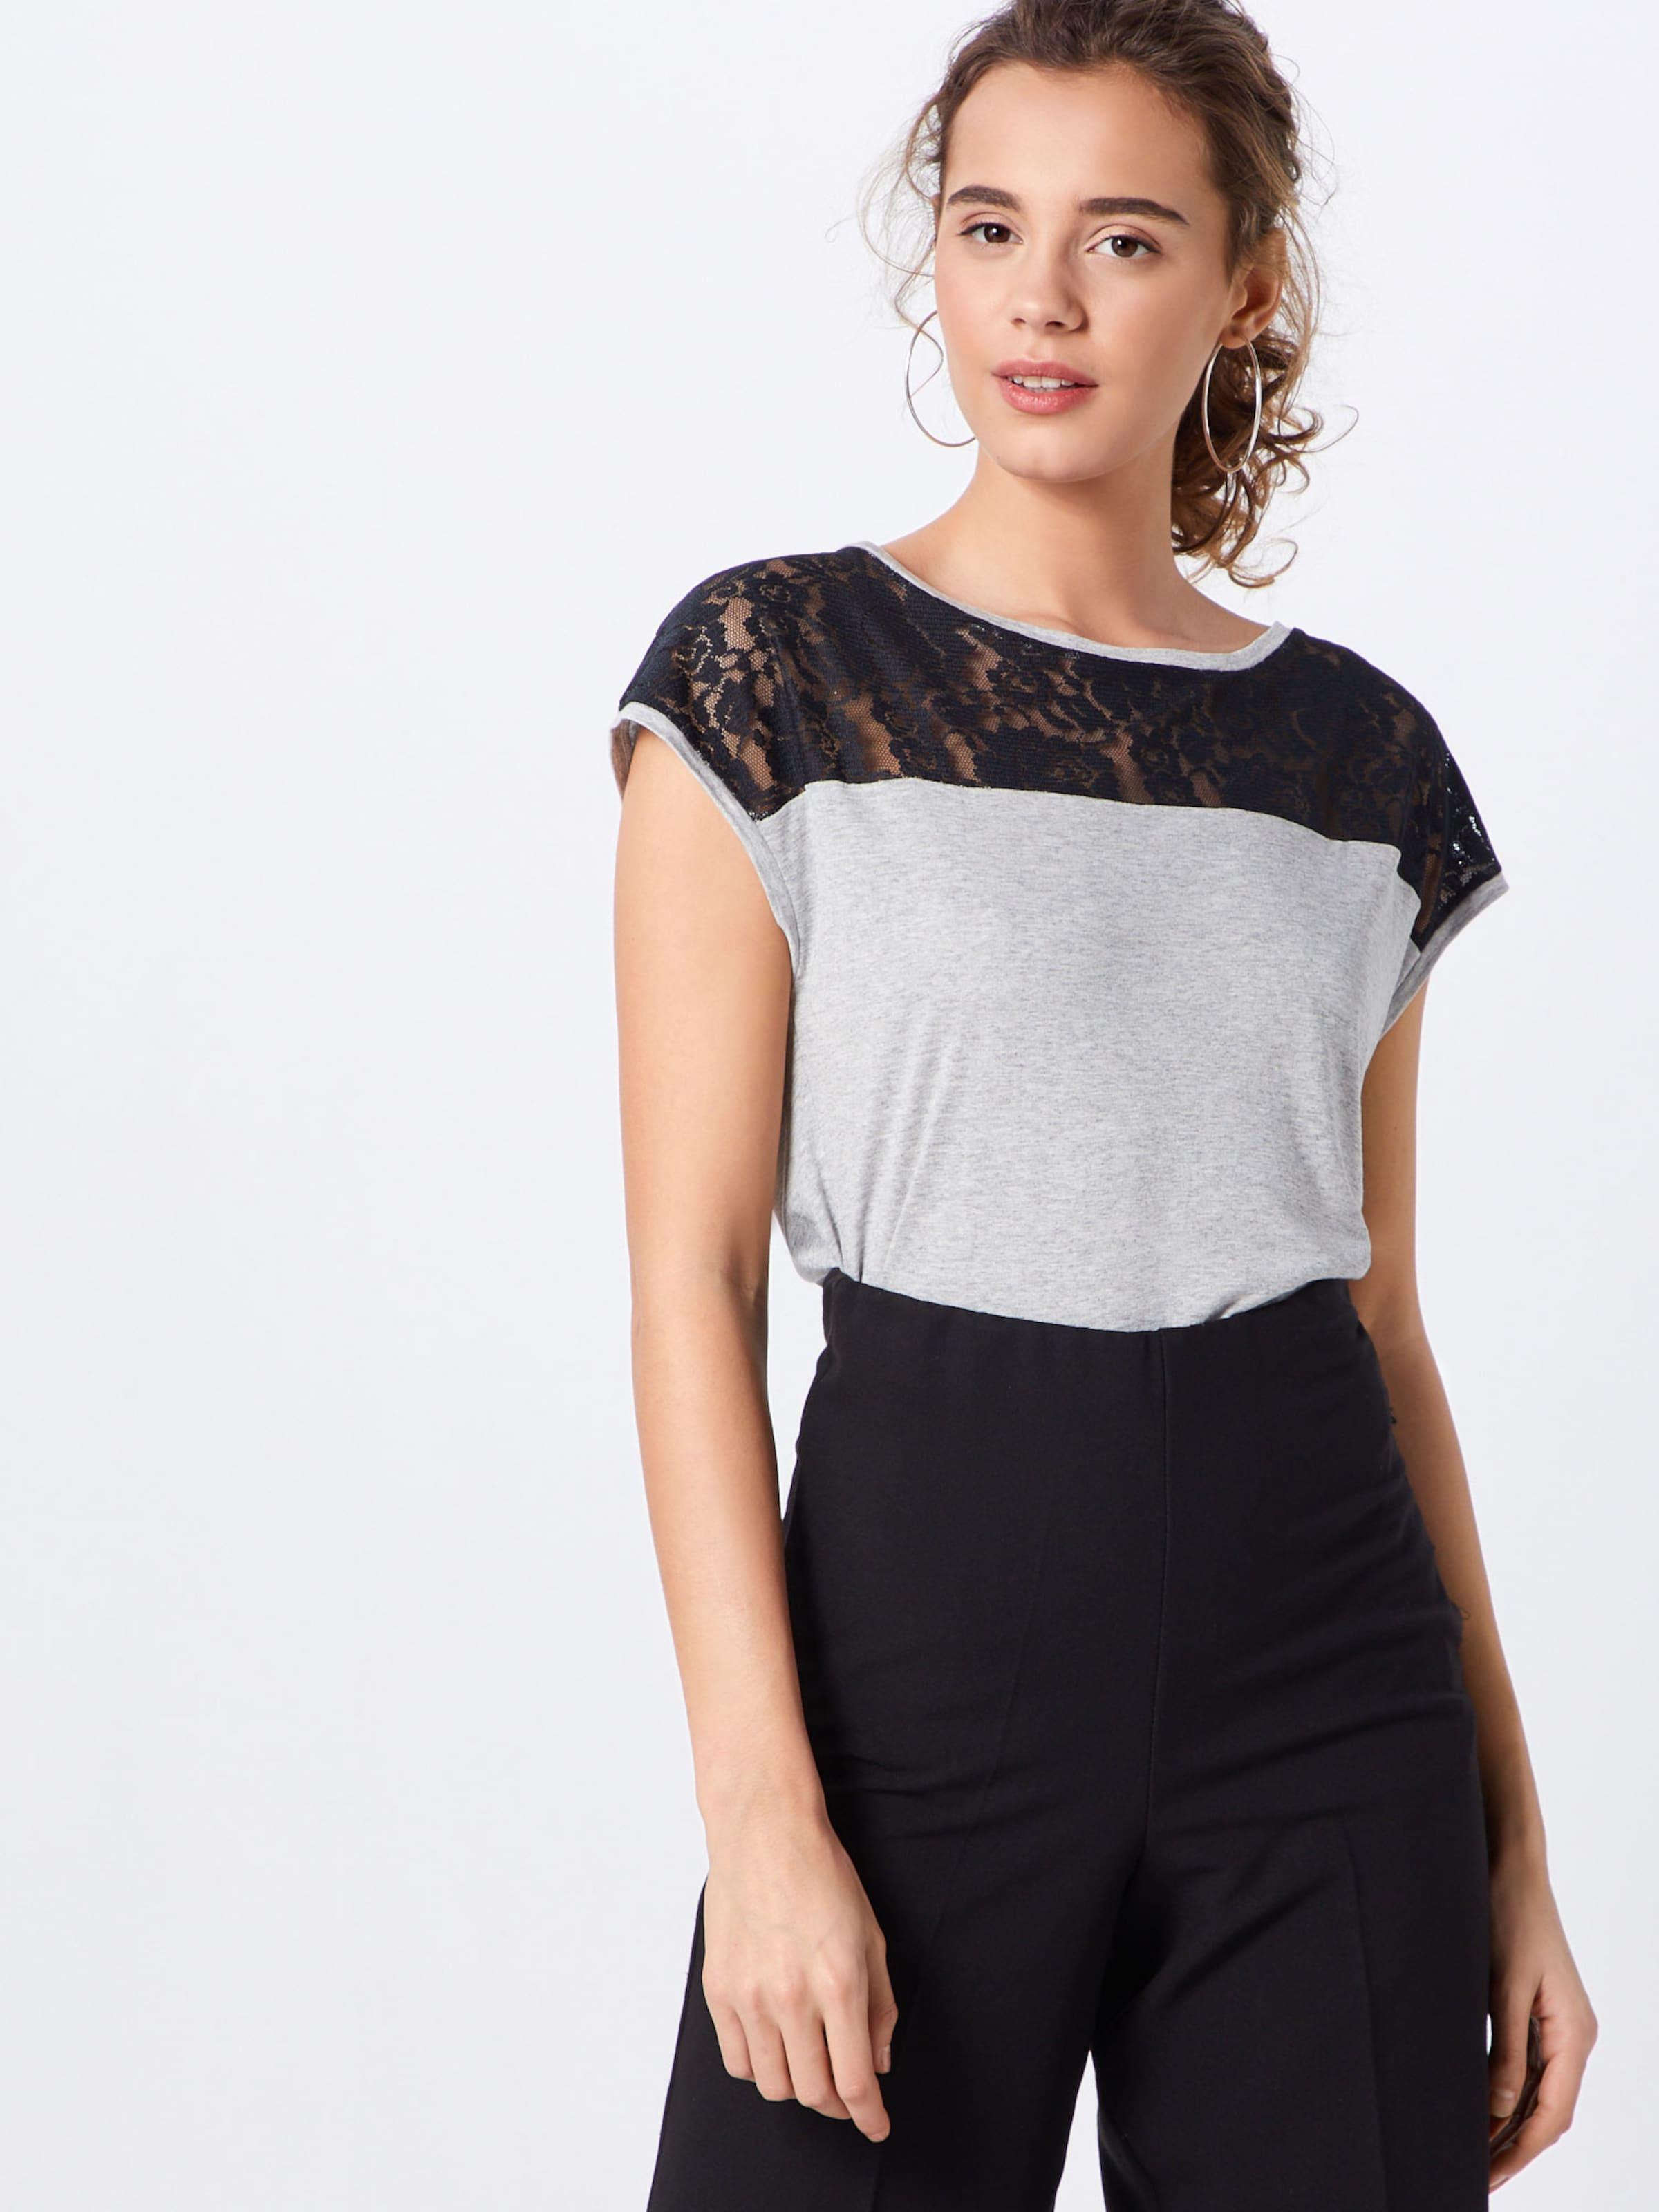 T You 'dena shirt En About GrisNoir Shirt' jq4RSc5AL3